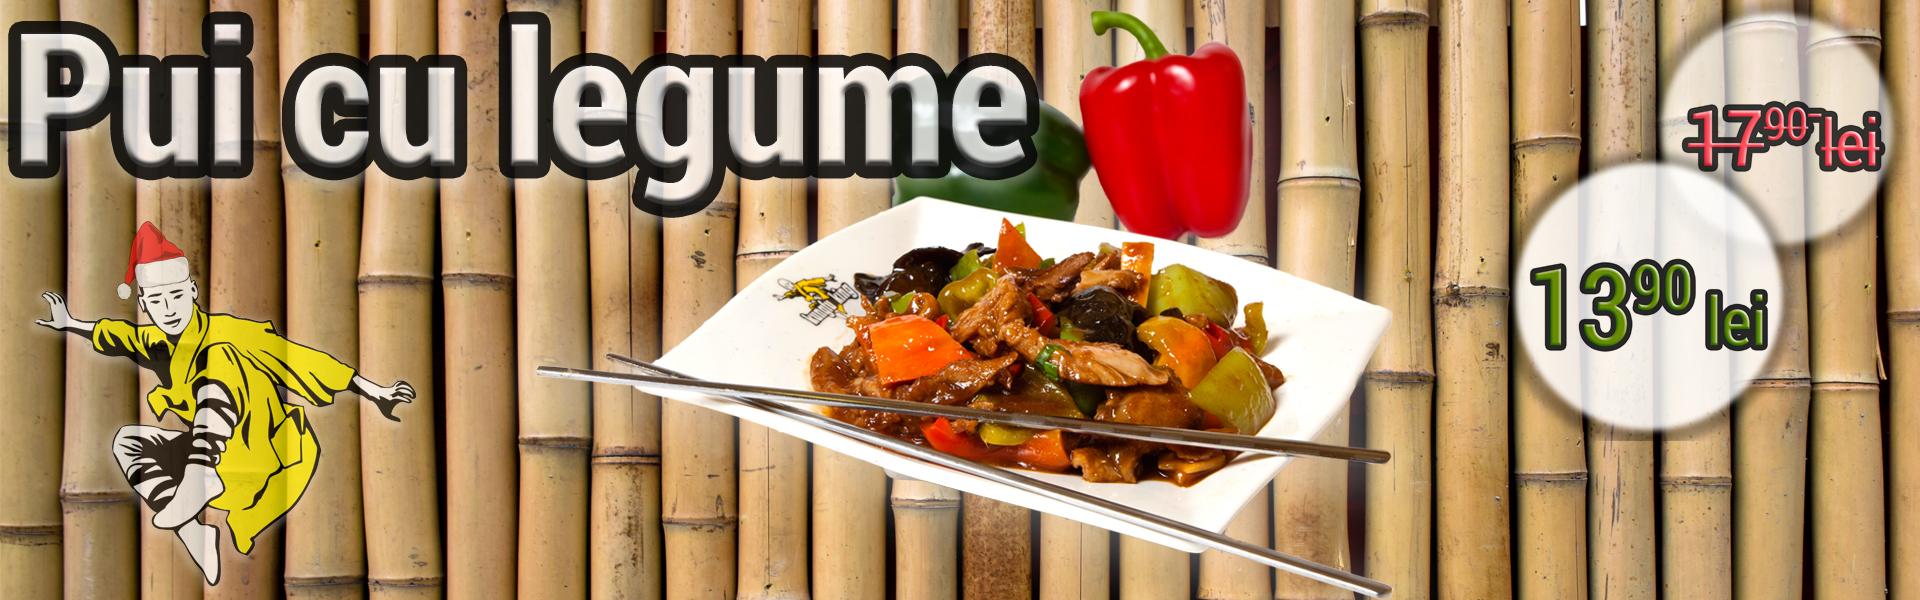 În fiecare zi de marţi - Pui cu legume - Preparate de pui - restaurant chinezesc KungFu King - de la 17.90 lei la doar 13.90 lei. Alege traditia, savoarea si calitatea restaurantului chinezesc KungFu King din Bucuresti!Comanda mancare chinezeasca online pentru a putea beneficia de ofertele speciale si vei primi serviciul de livrare mancare chinezeasca in mod gratuit!